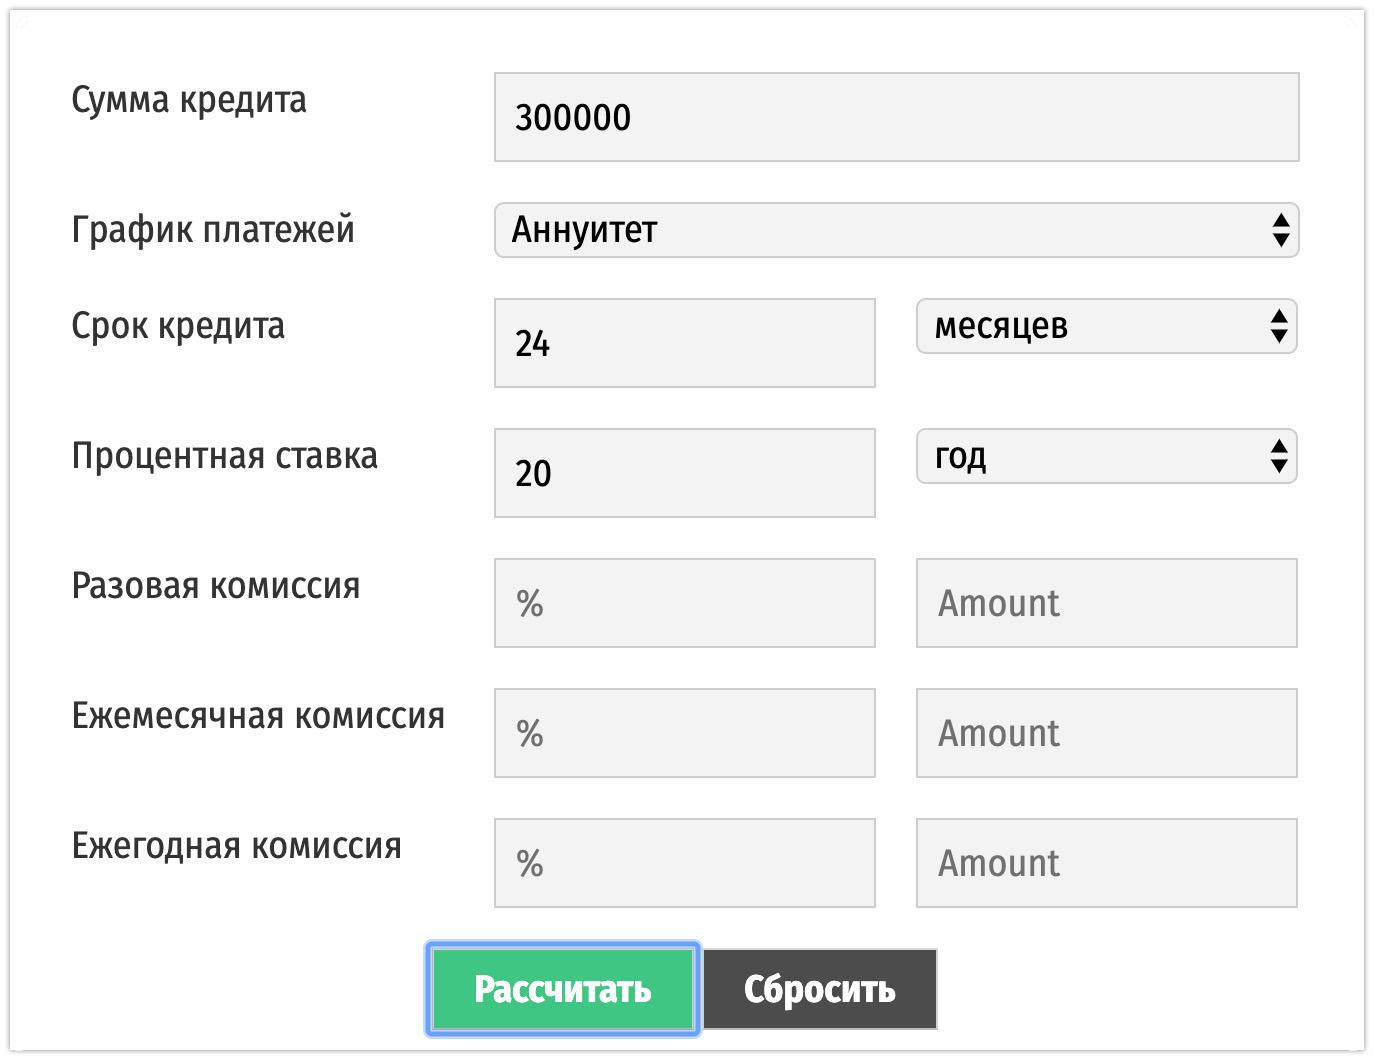 восточный банк рассчитать кредит онлайн калькулятор потребительский кредит